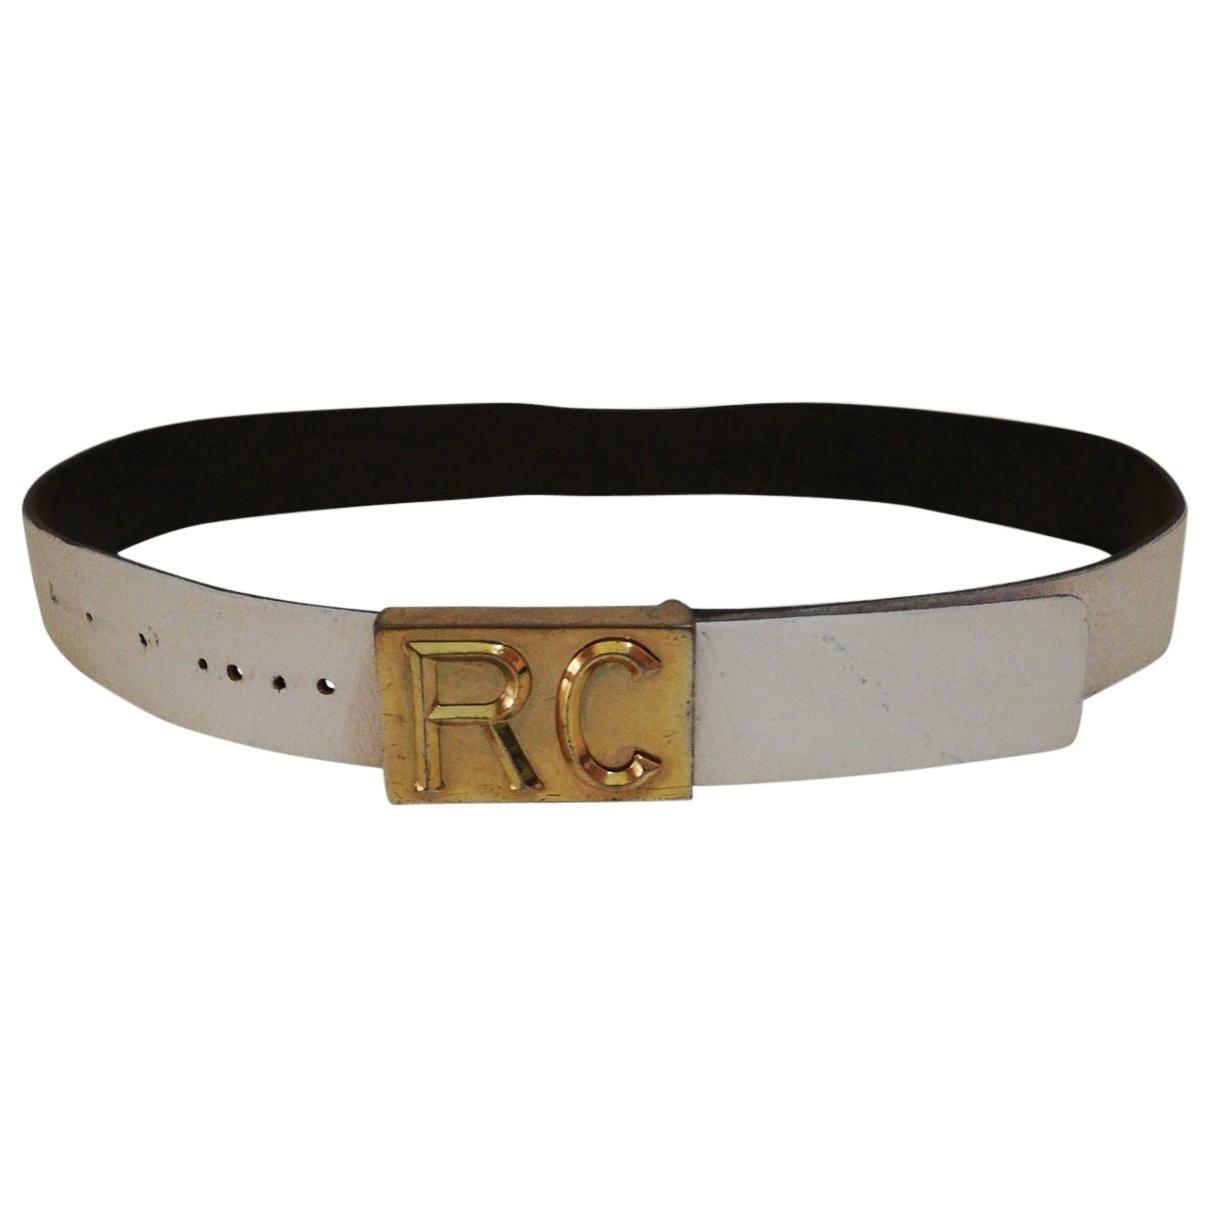 Roberto Cavalli \N White Leather belt for Men M international